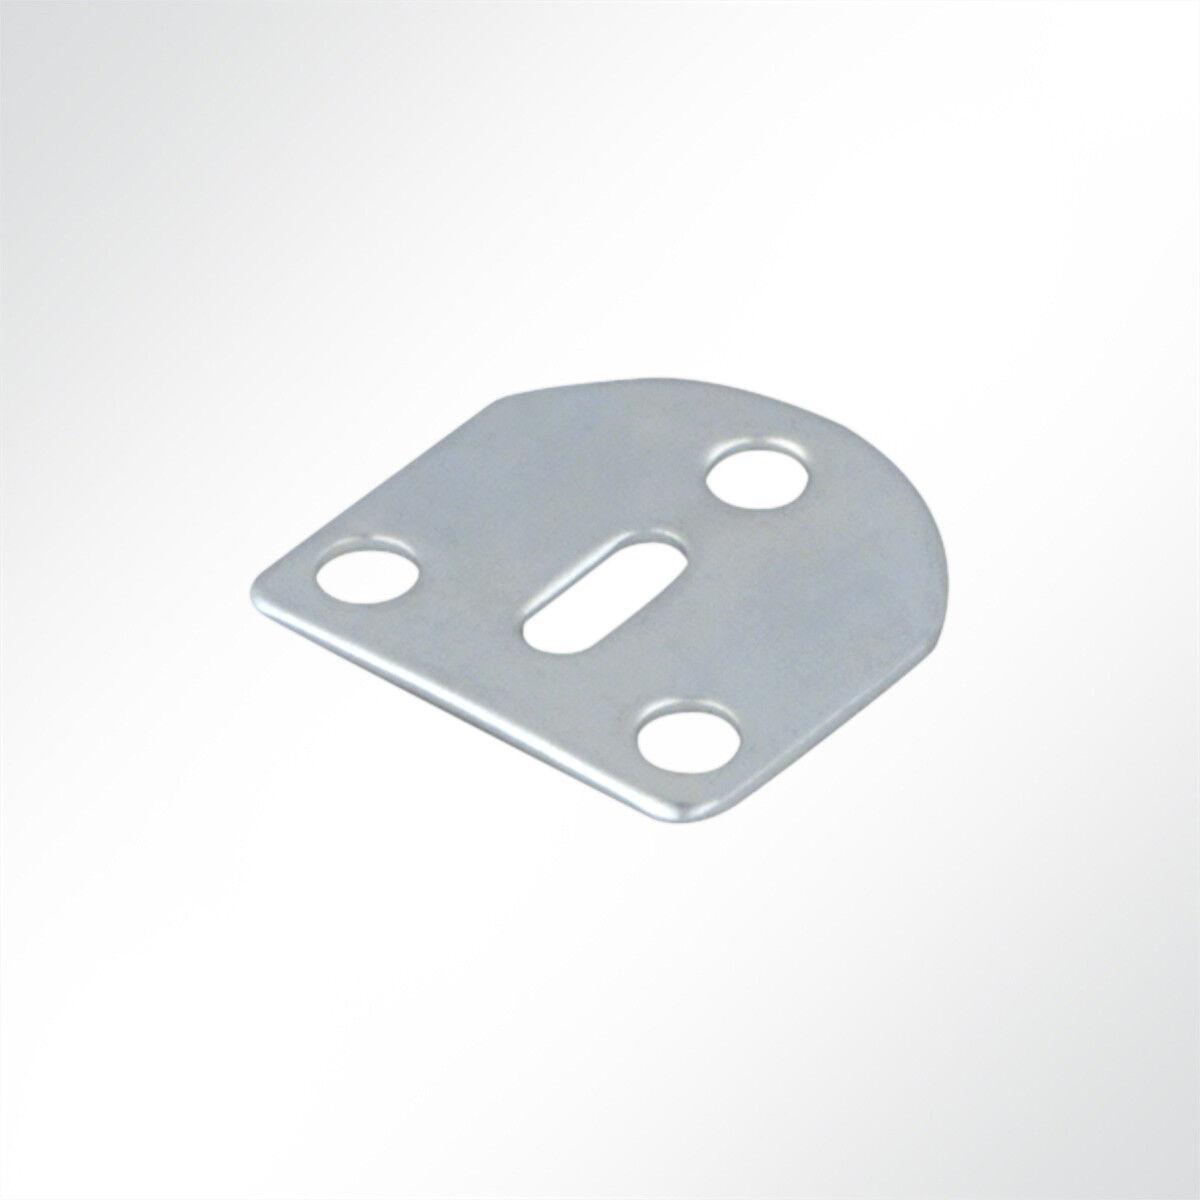 Lysel® Gegenplatten 40x35mm für 4-fachrolle Pro